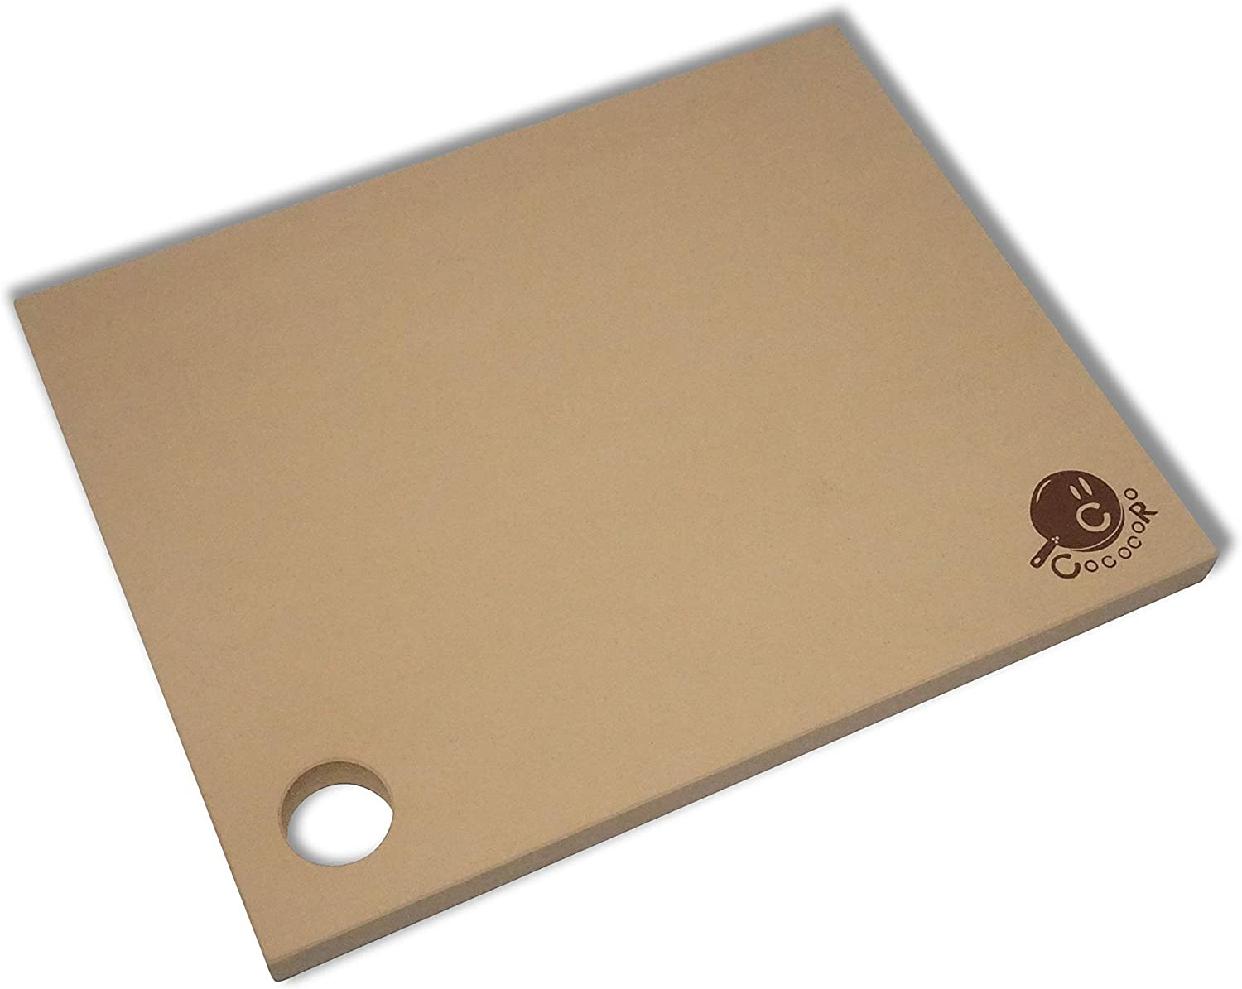 COCOCORO(コココロ) まな板クラシック 240mm×190mm×13mmの商品画像